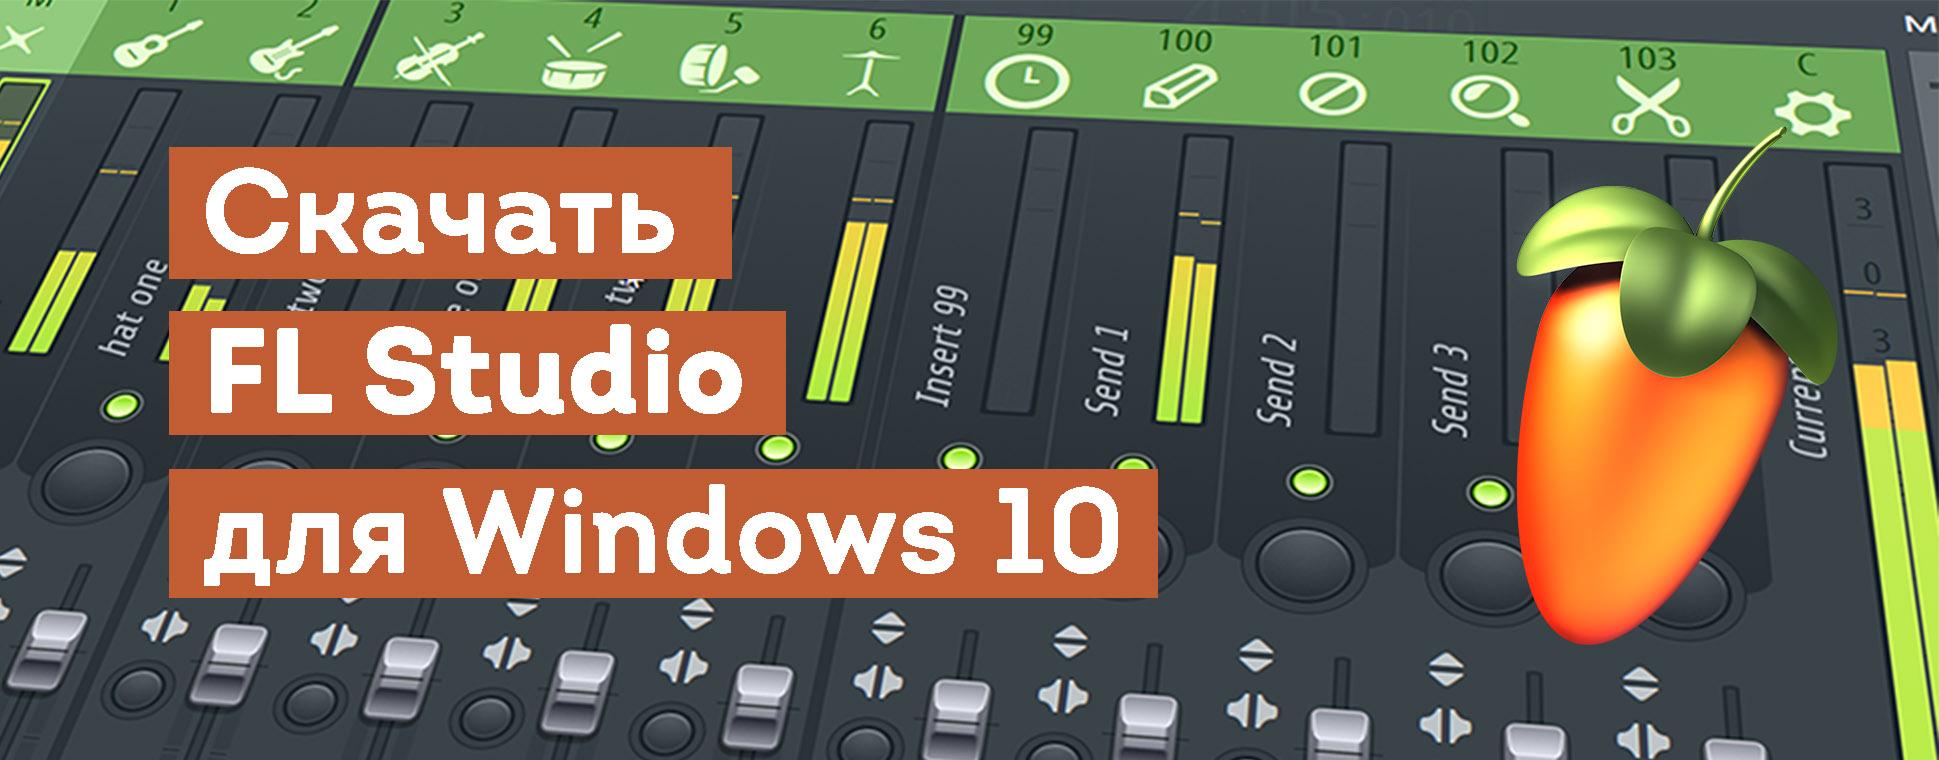 Скачать FL Studio (ФЛ Студио) Для Windows 10